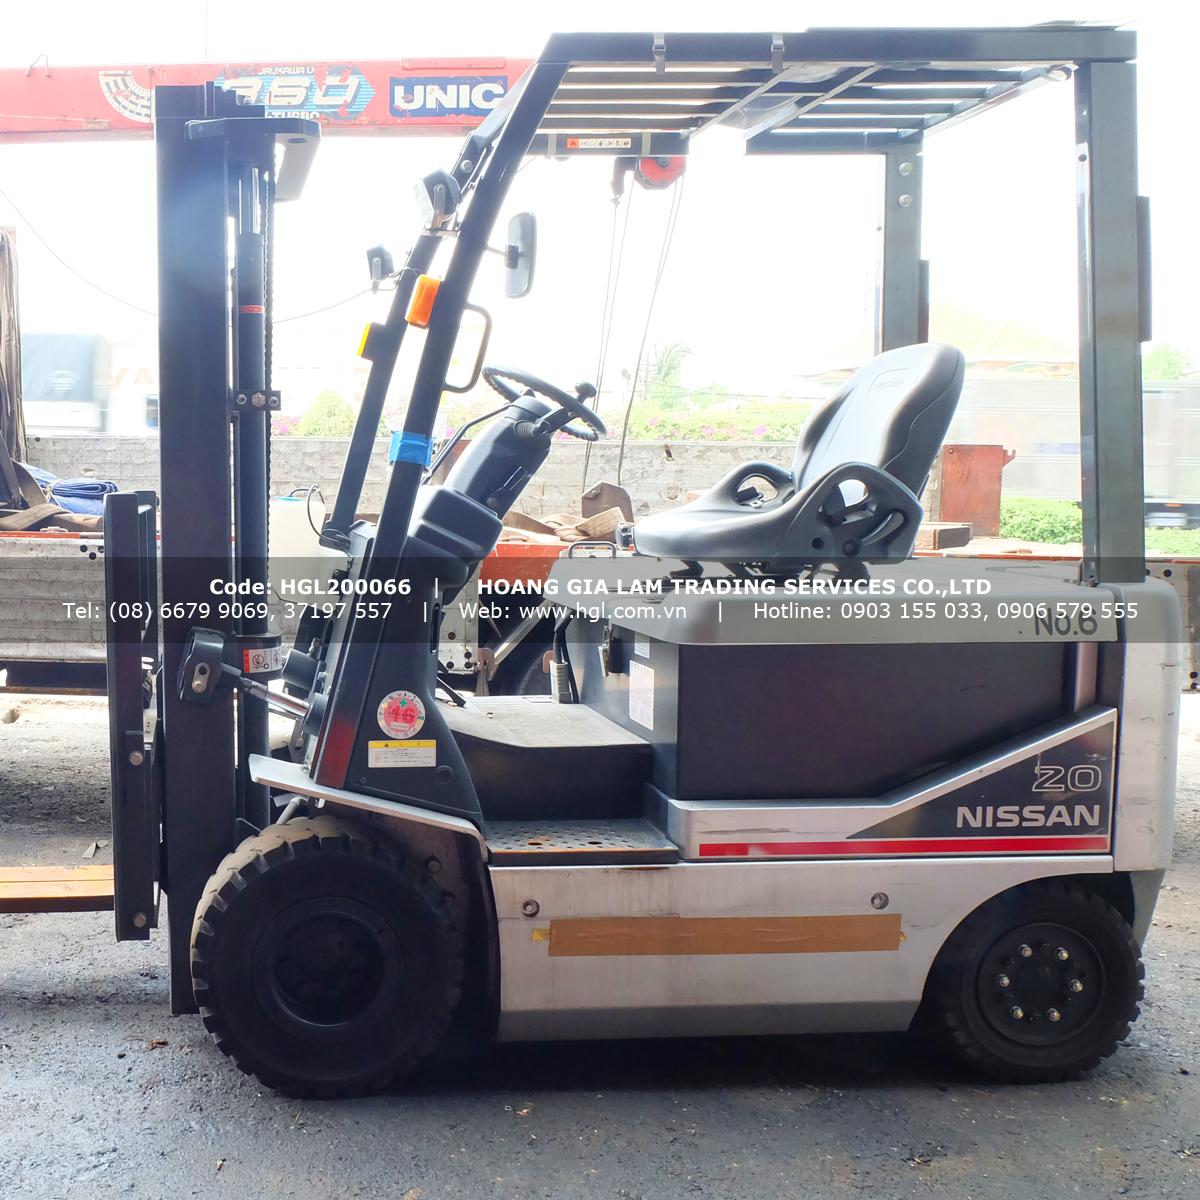 xe-nang-nissan- T1B2L20-66-b2